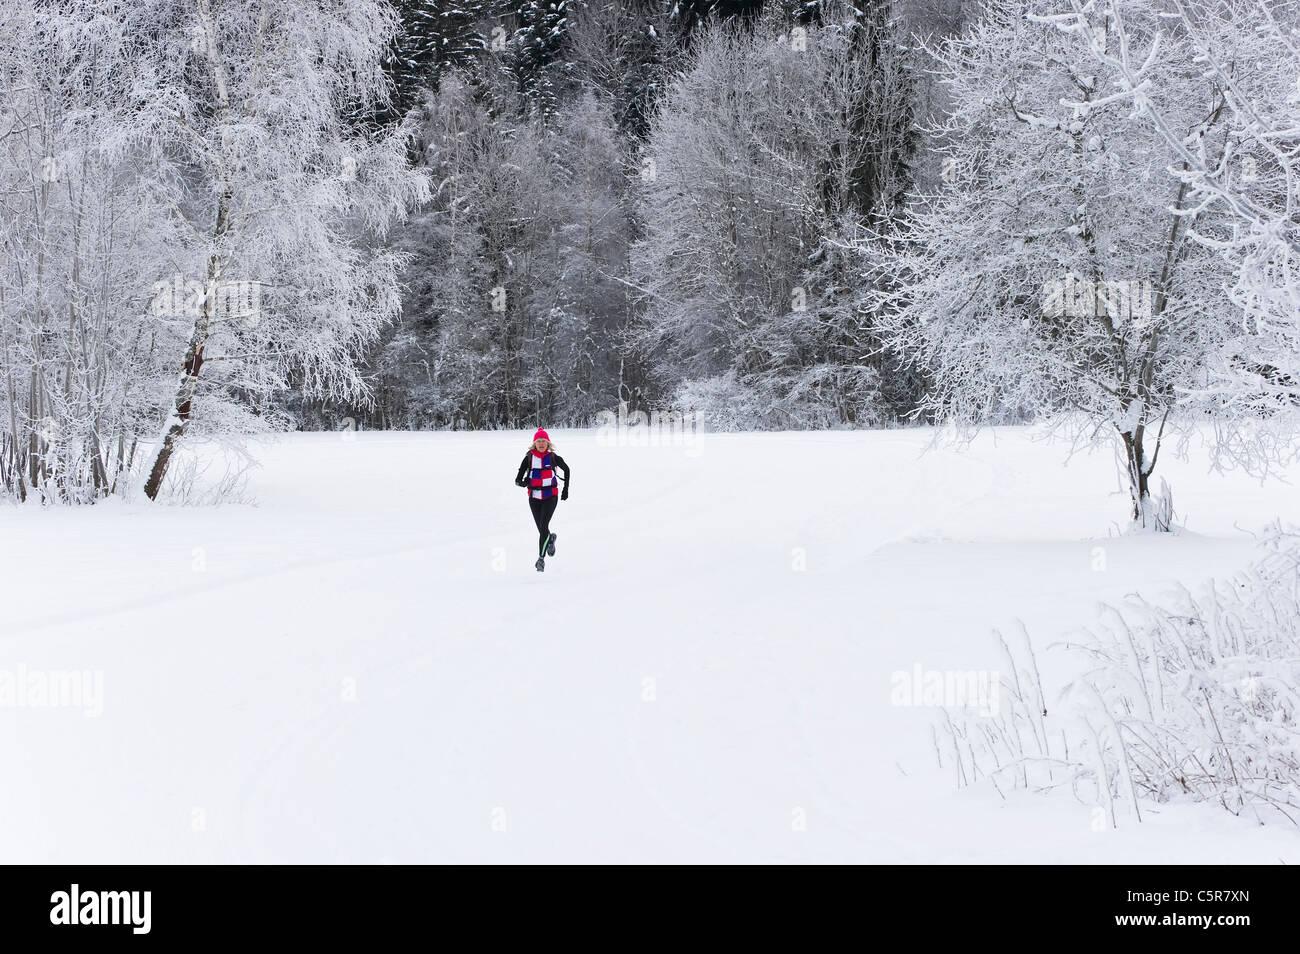 Ein Jogger läuft durch eine tief verschneite Landschaft. Stockbild